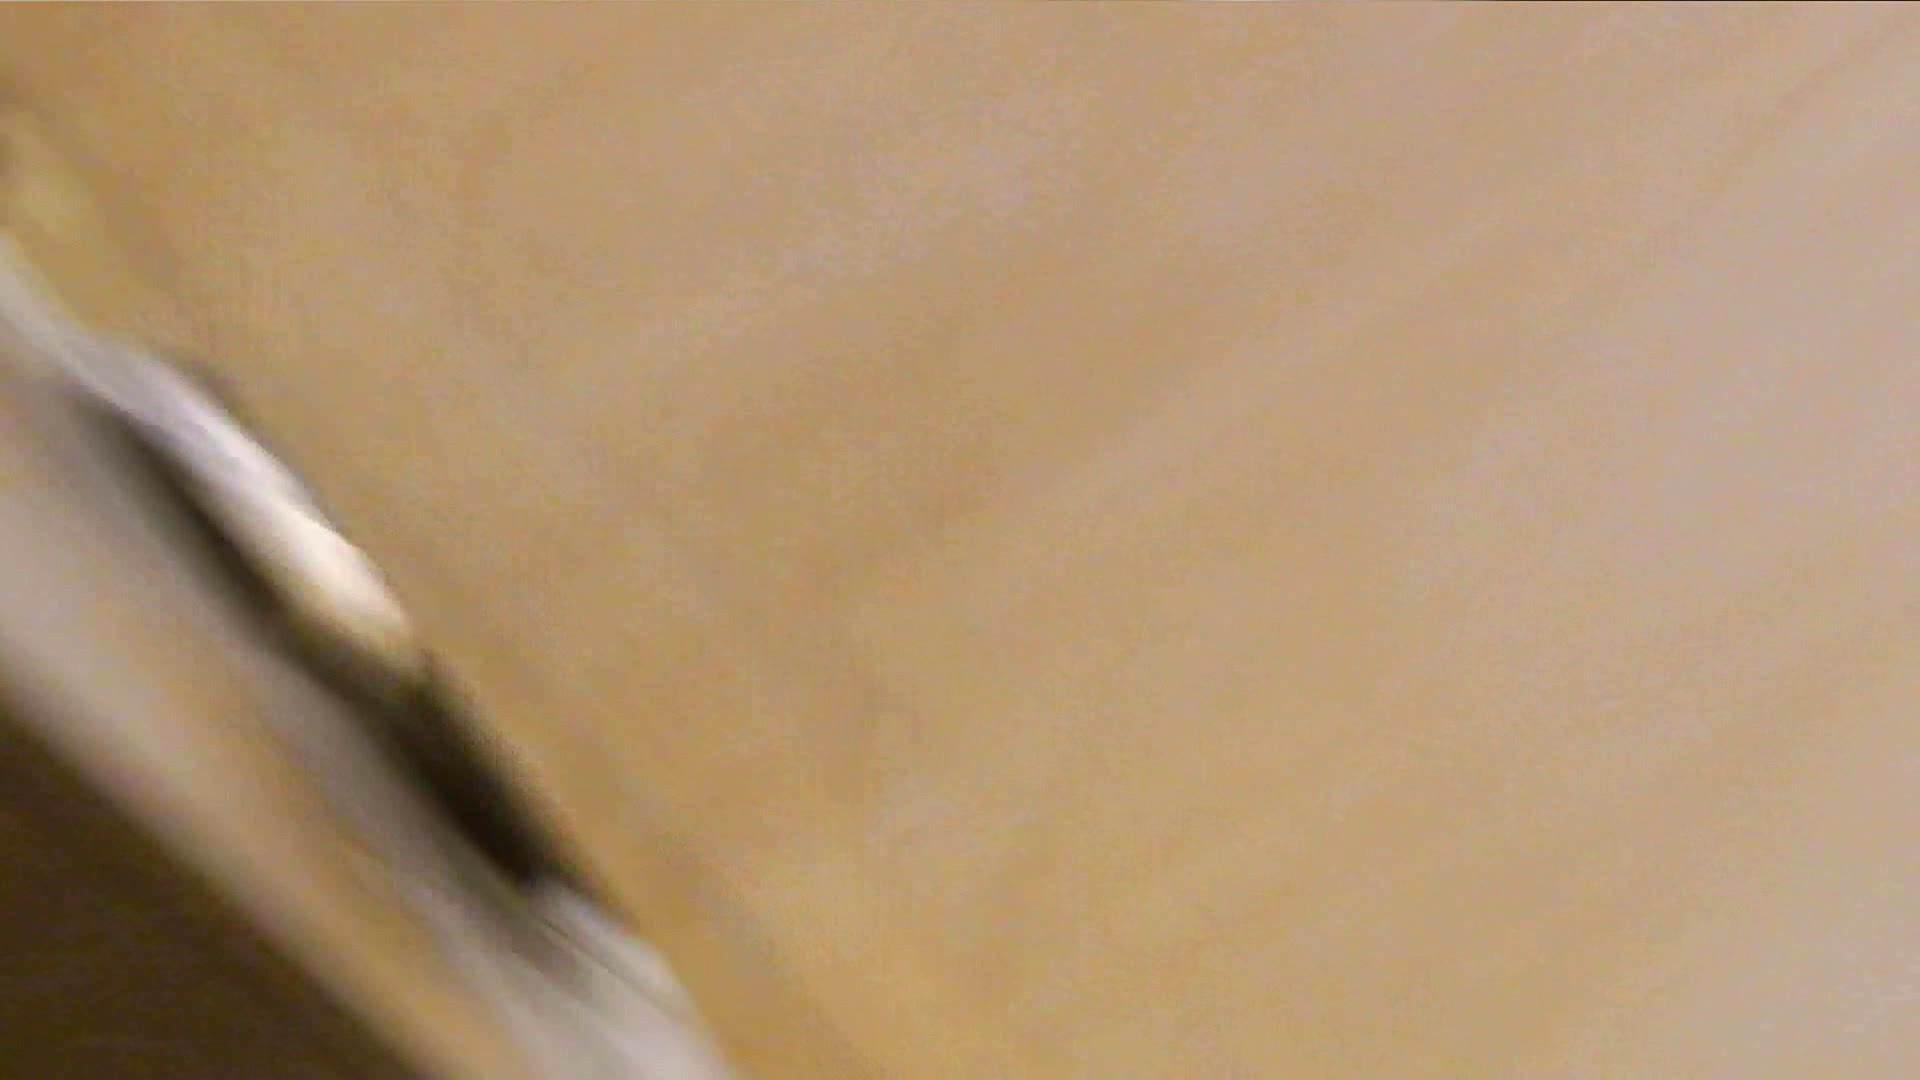 阿国ちゃんの「和式洋式七変化」No.3 洗面所  29pic 2